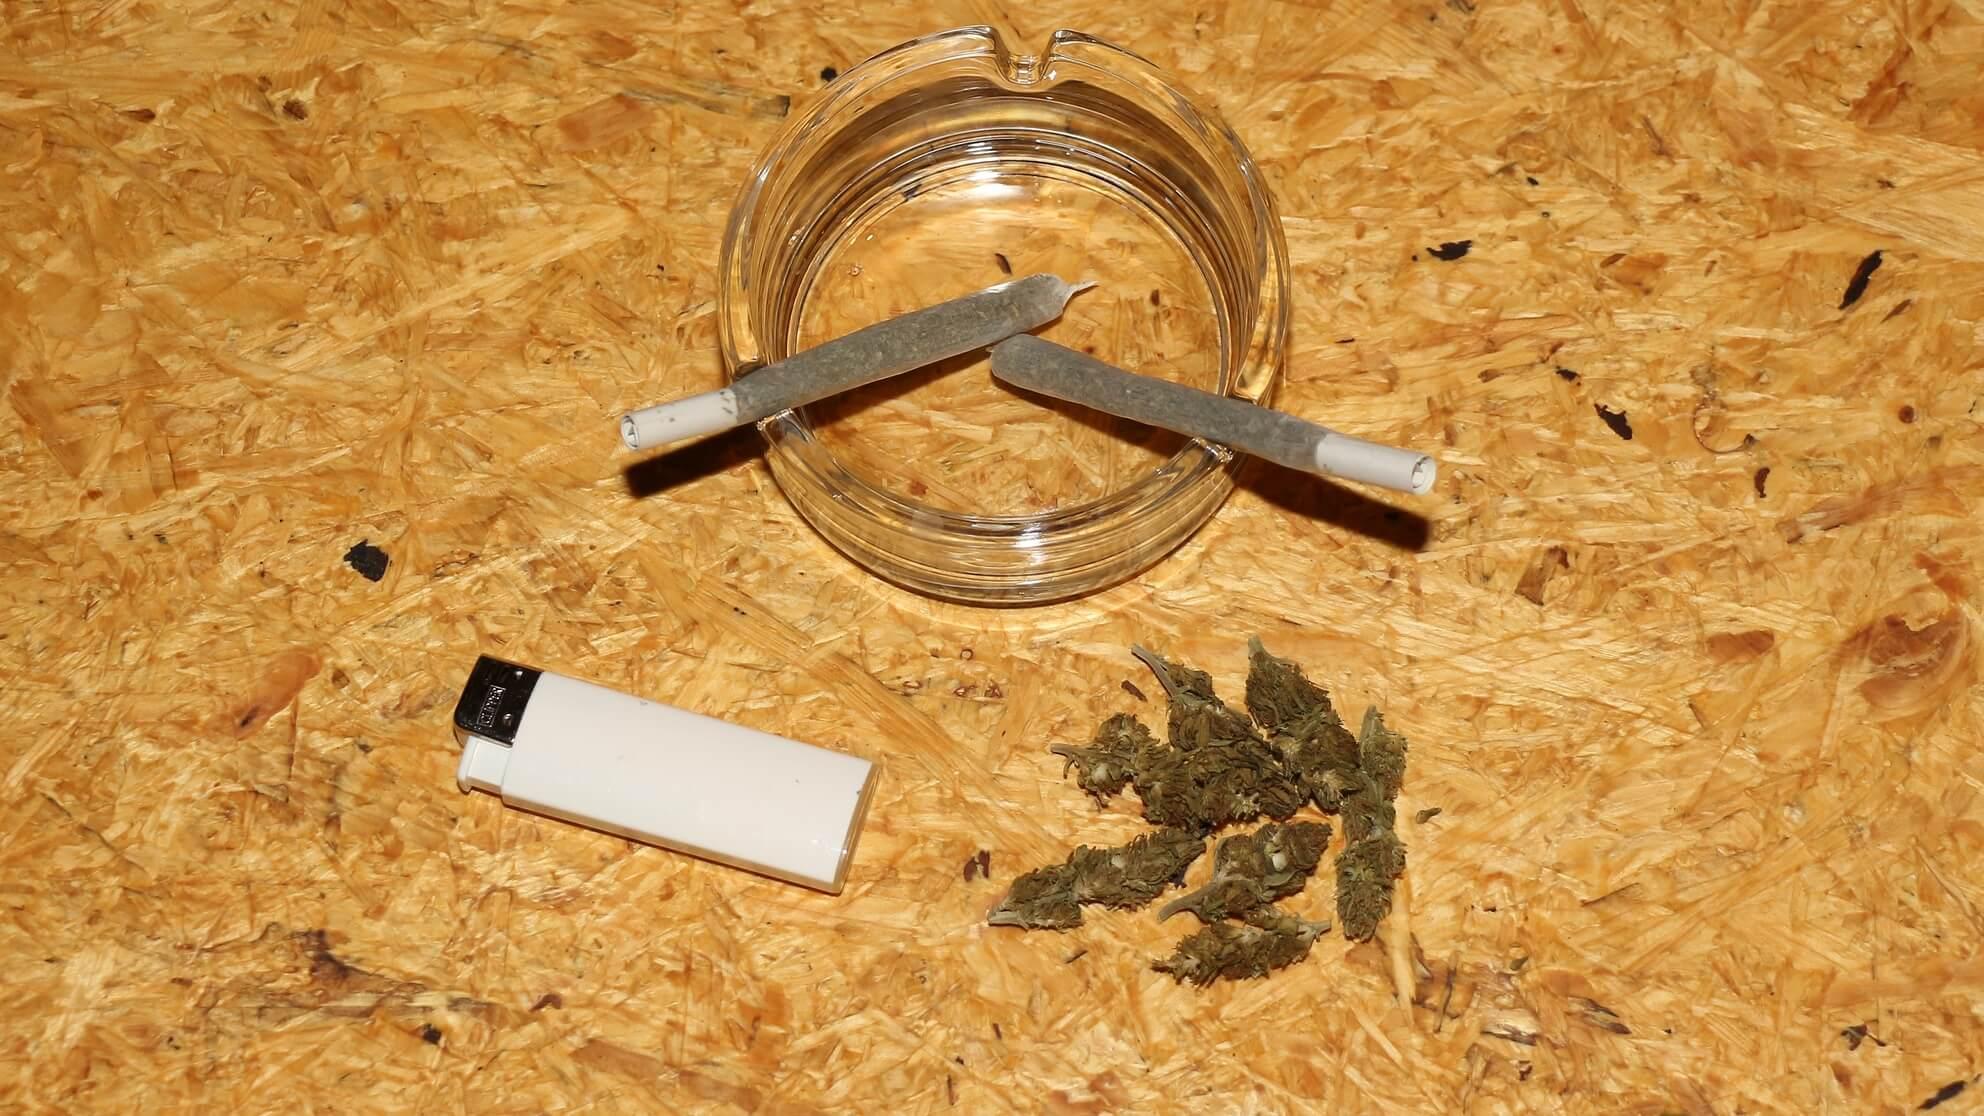 Drogenkonsum in Krisenzeiten